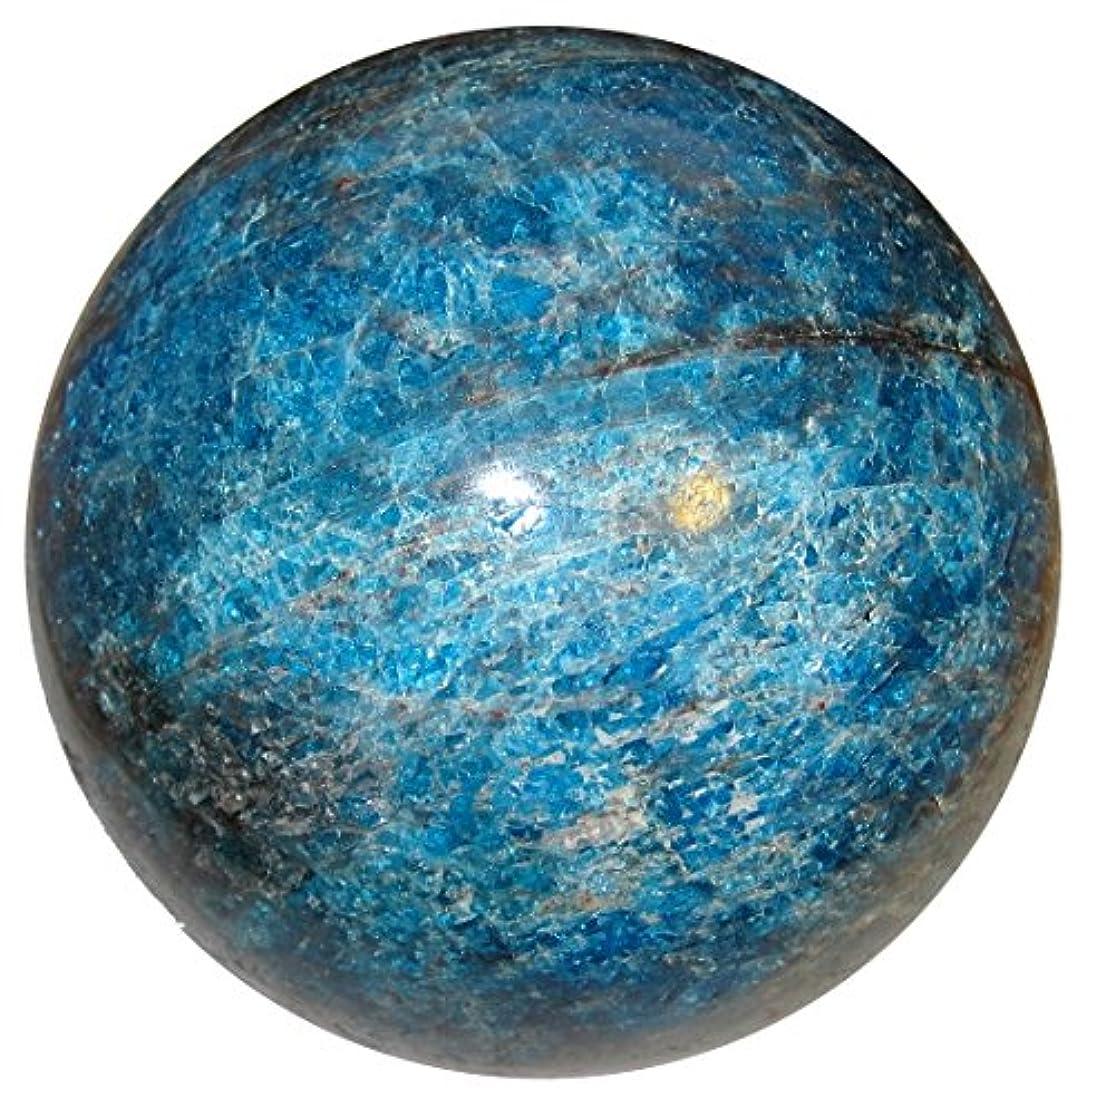 クロール完全にみすぼらしいサテンクリスタルアパタイトボール3.3